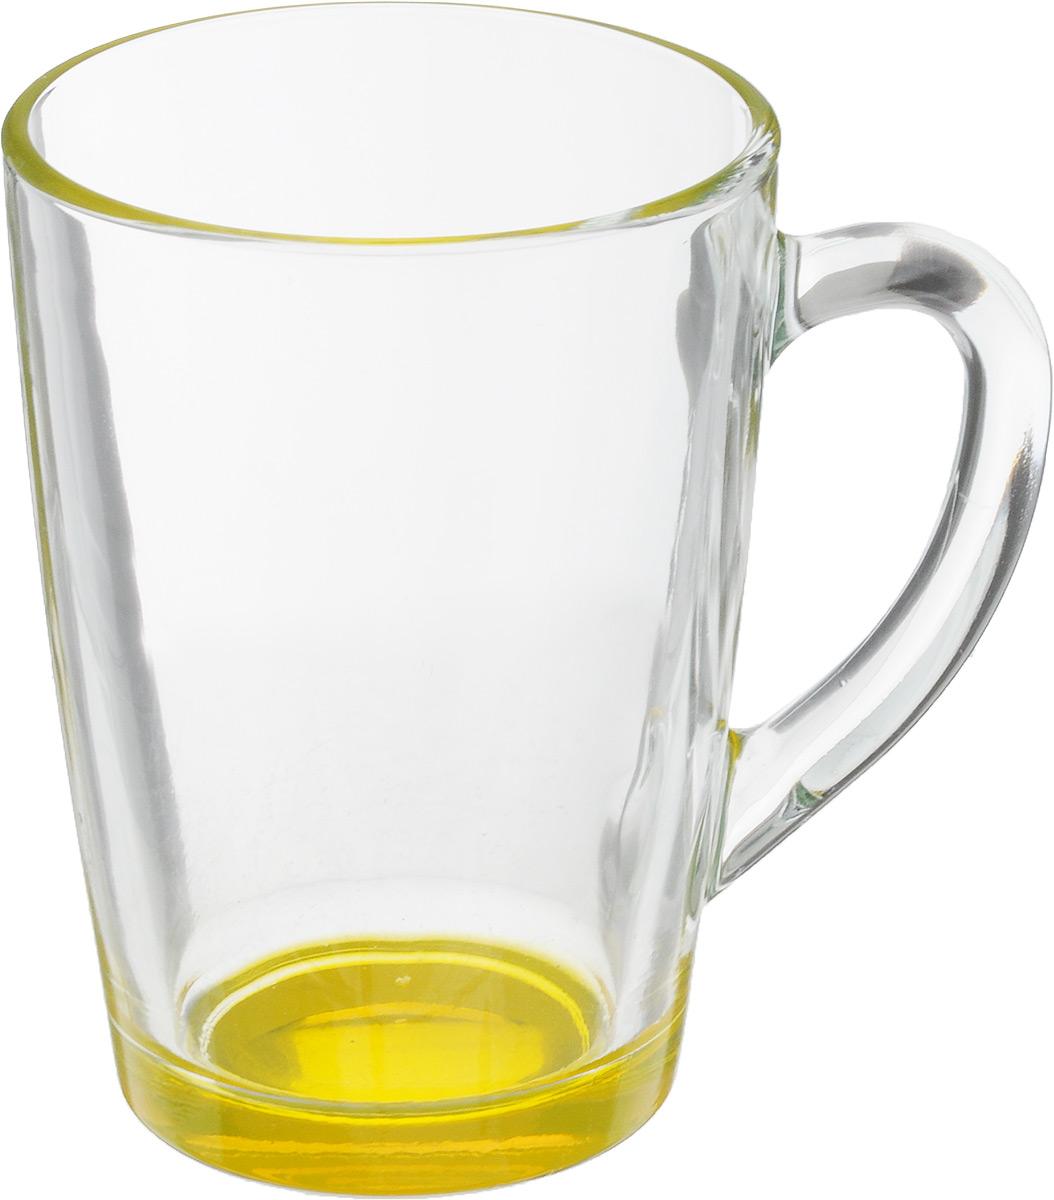 Кружка OSZ Капучино, цвет: прозрачный, желтый, 300 мл. 07C1334LM_прозрачный, желтый07C1334LM_прозрачный, желтыйКружка OSZ Капучино изготовлена из стекла двух цветов. Изделие идеально подходит для сервировки стола. Кружка не только украсит ваш кухонный стол, но подчеркнет прекрасный вкус хозяйки. Диаметр кружки (по верхнему краю): 8 см. Высота кружки: 11 см. Объем кружки: 300 мл.